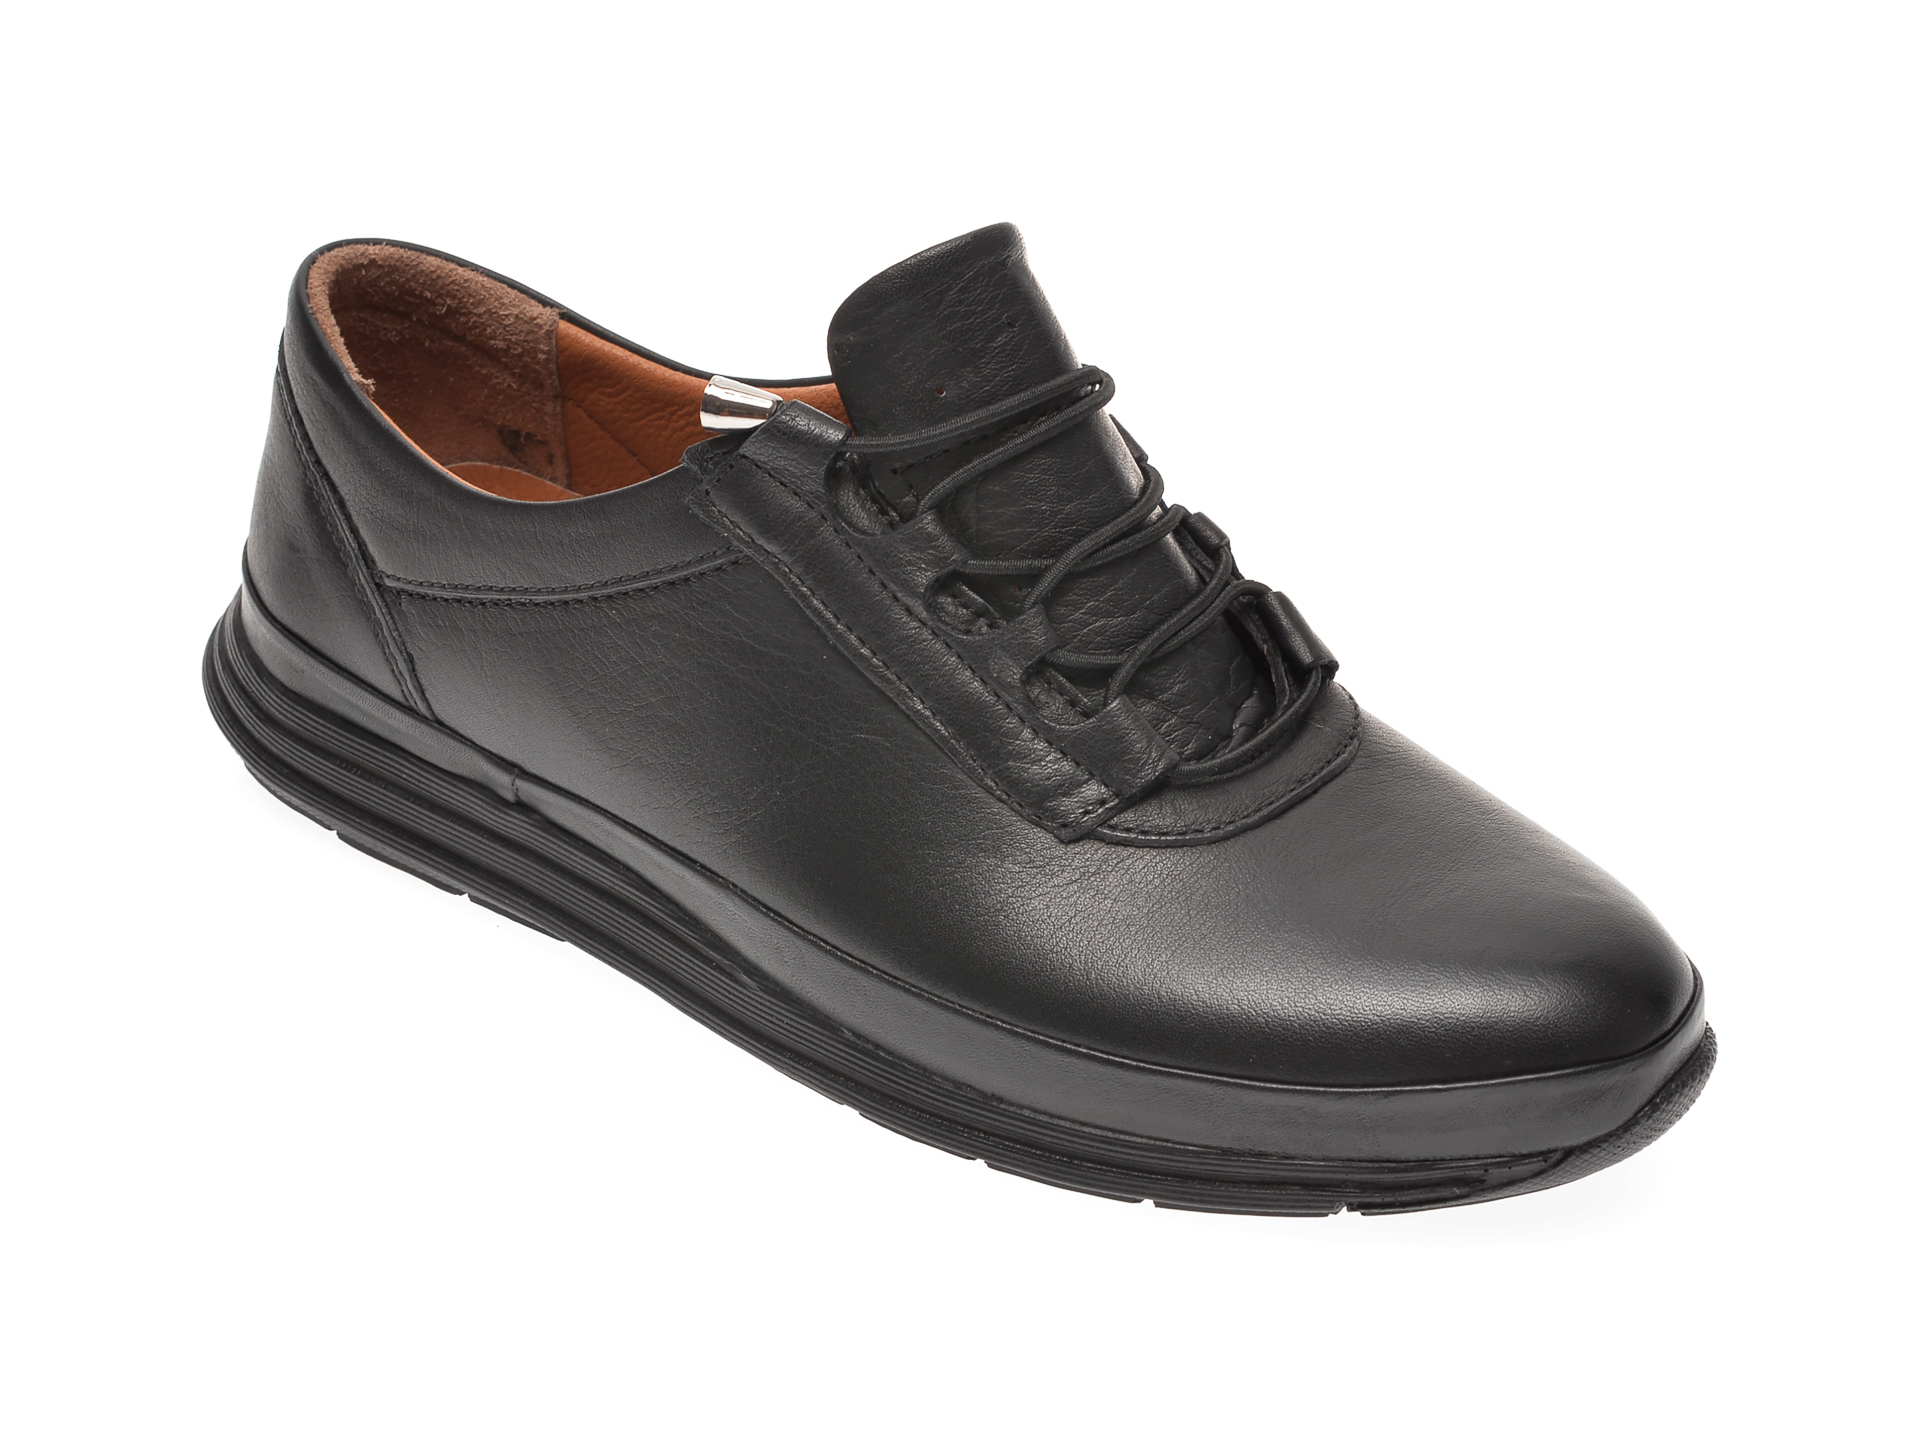 Pantofi PASS COLLECTION negri, 7021, din piele naturala New